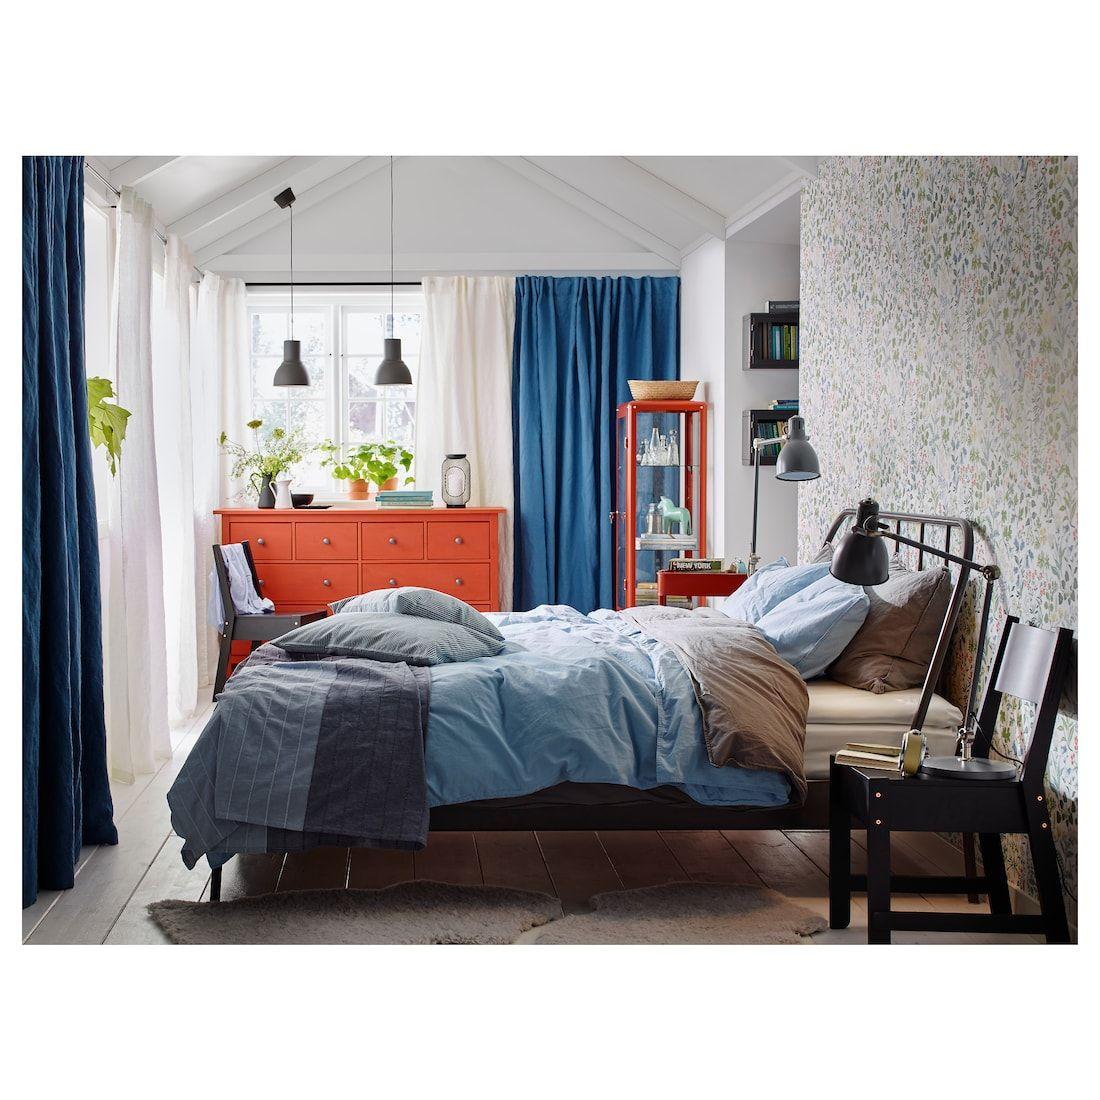 ÄNGSLILJA Duvet cover and pillowcase(s), gray, Full/Queen